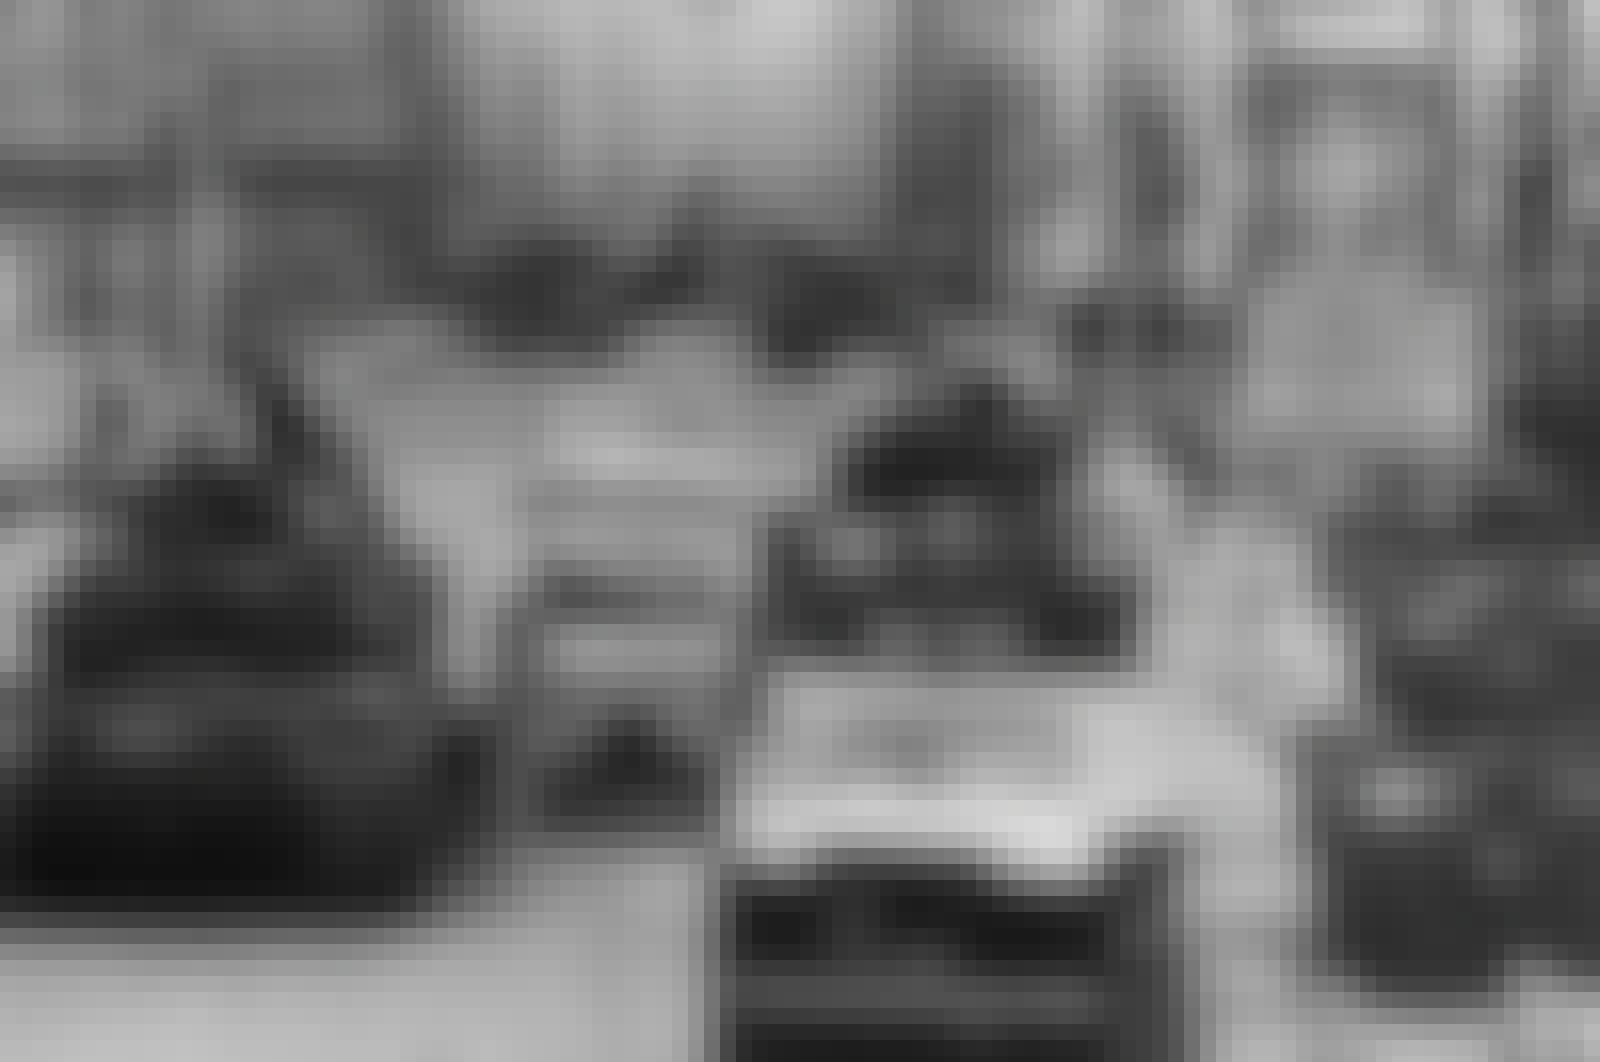 Neuvostoliiton ja Yhdysvaltojen tankkeja vastakkain Checkpoint Charliella.